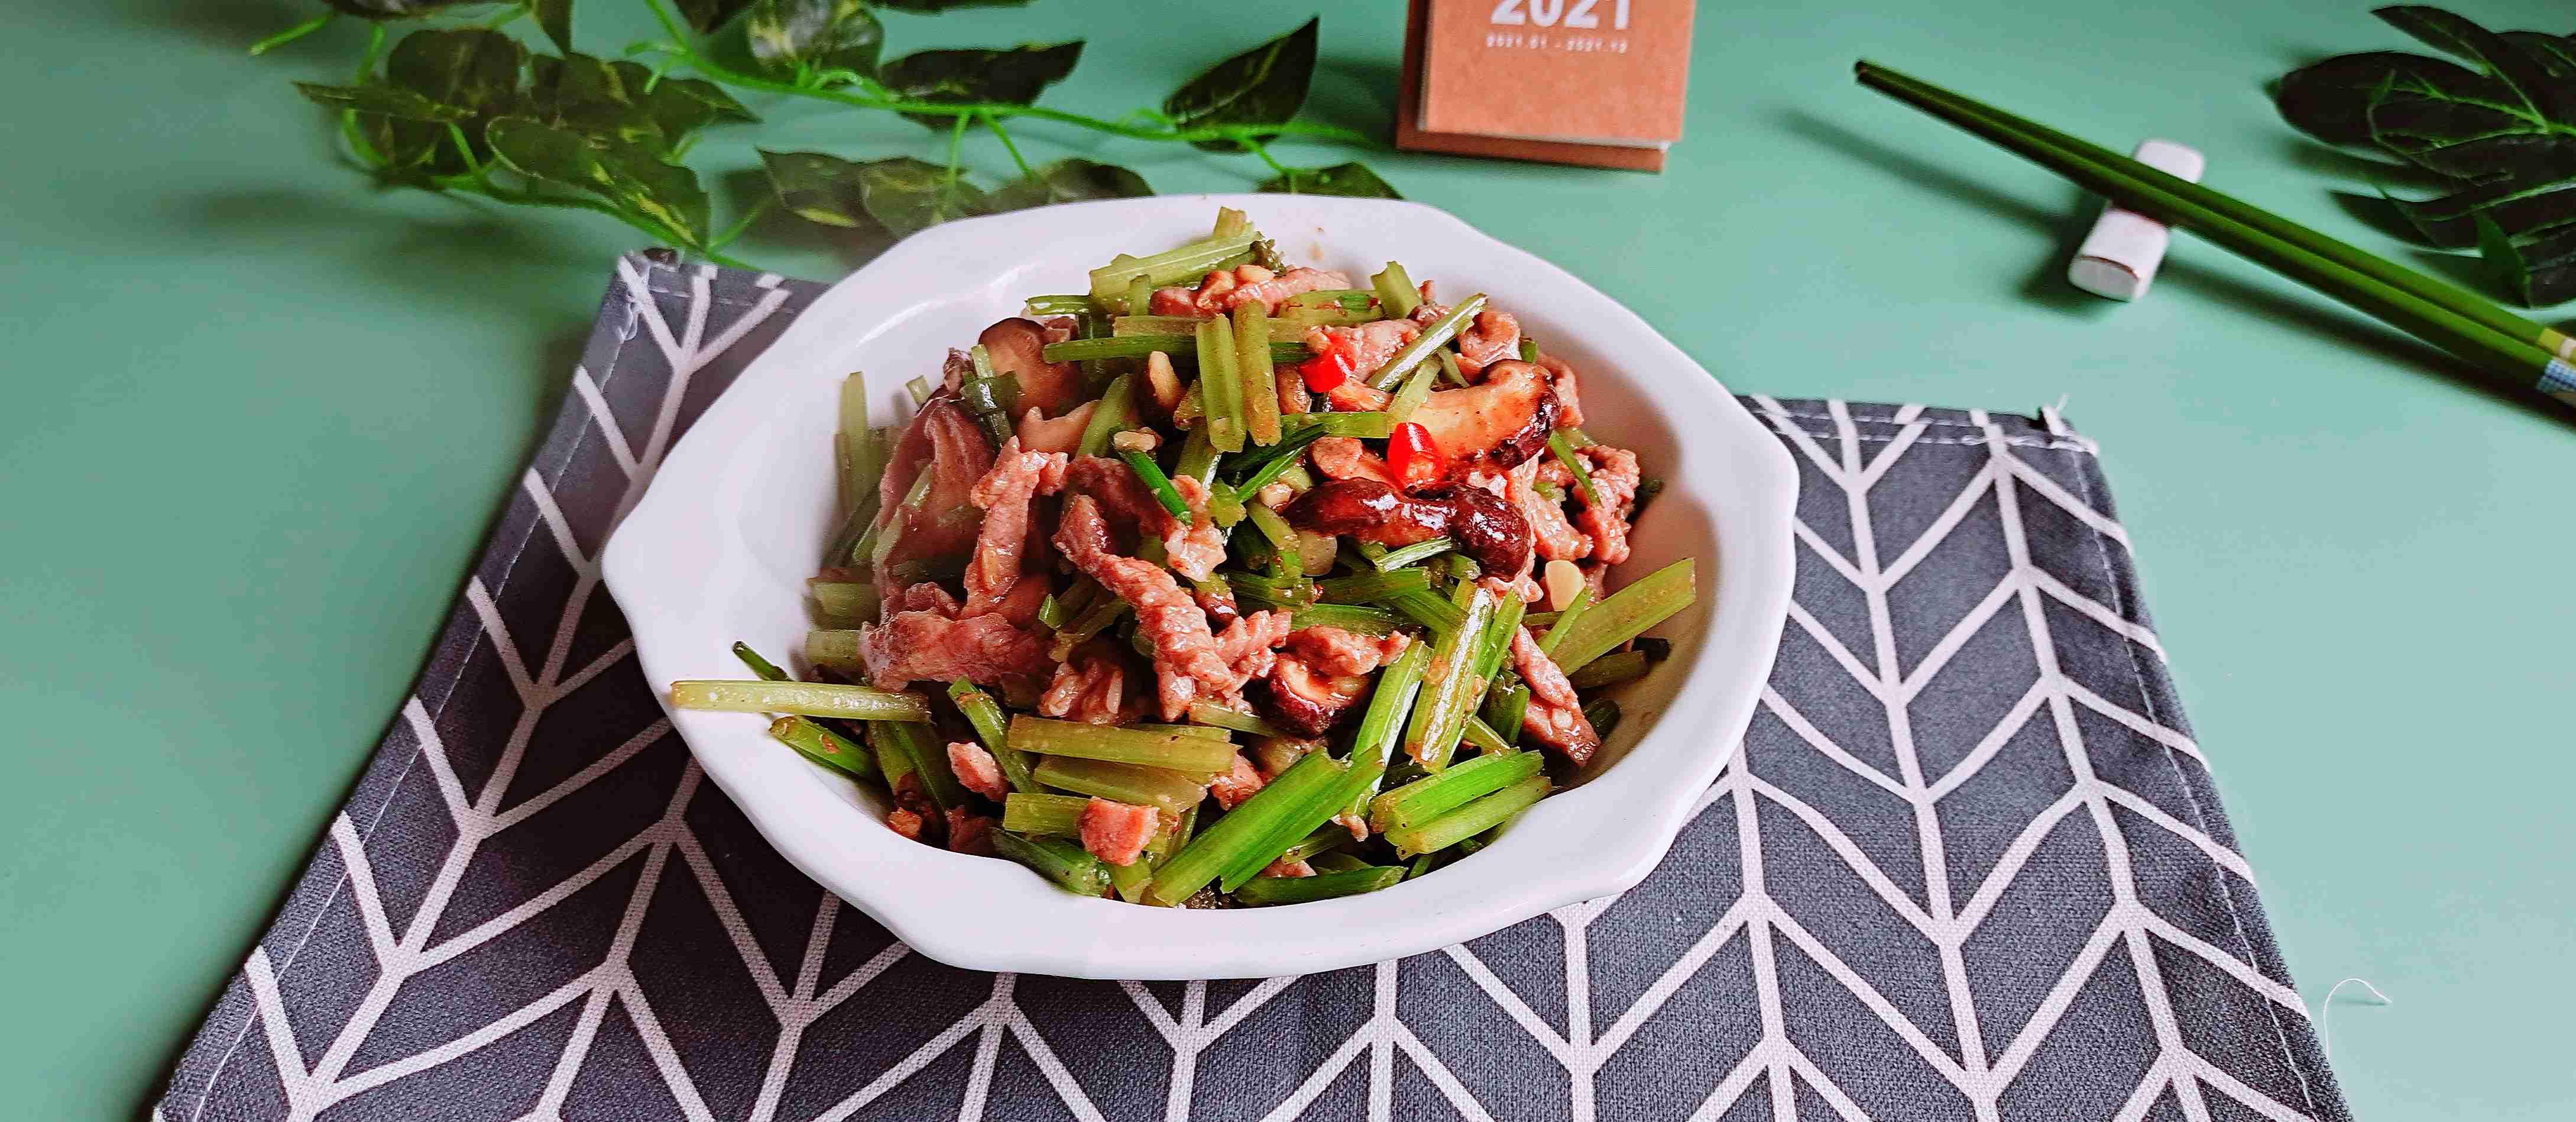 家常嫩滑牛肉丝这样做超下饭…芹菜炒牛肉丝成品图